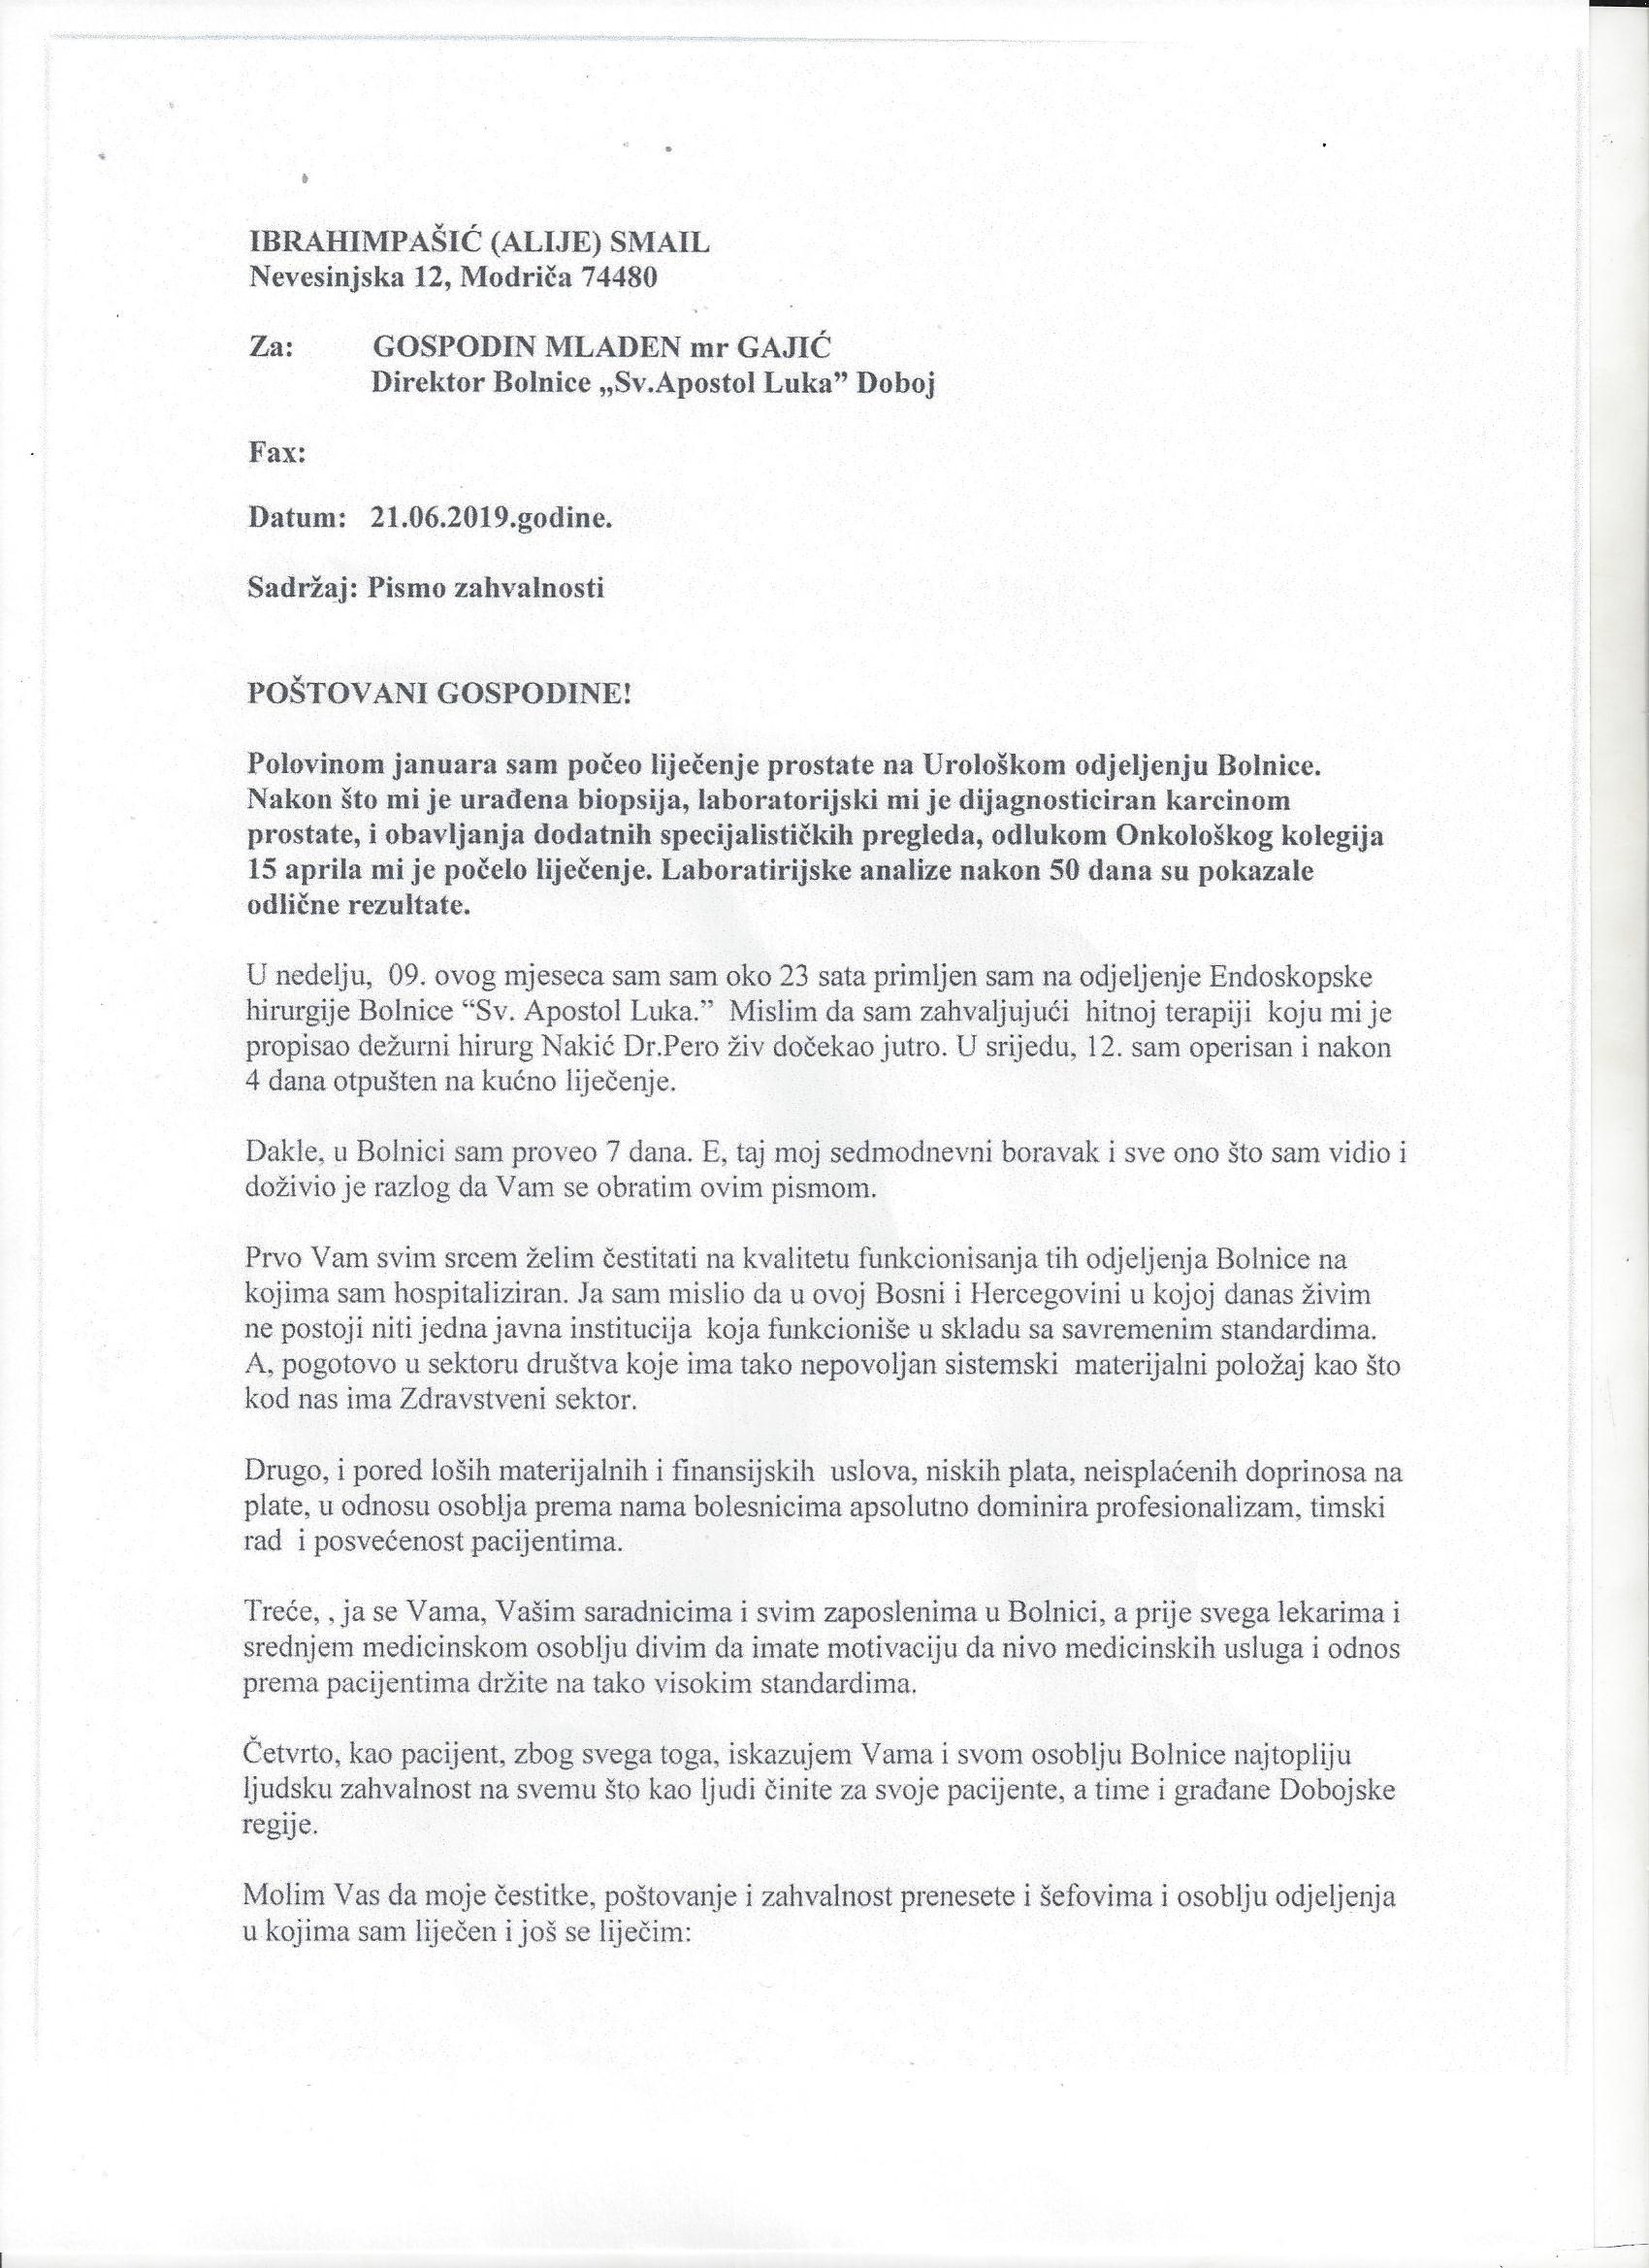 Pismo zahvalnosti direktoru Mladenu Gajicu I